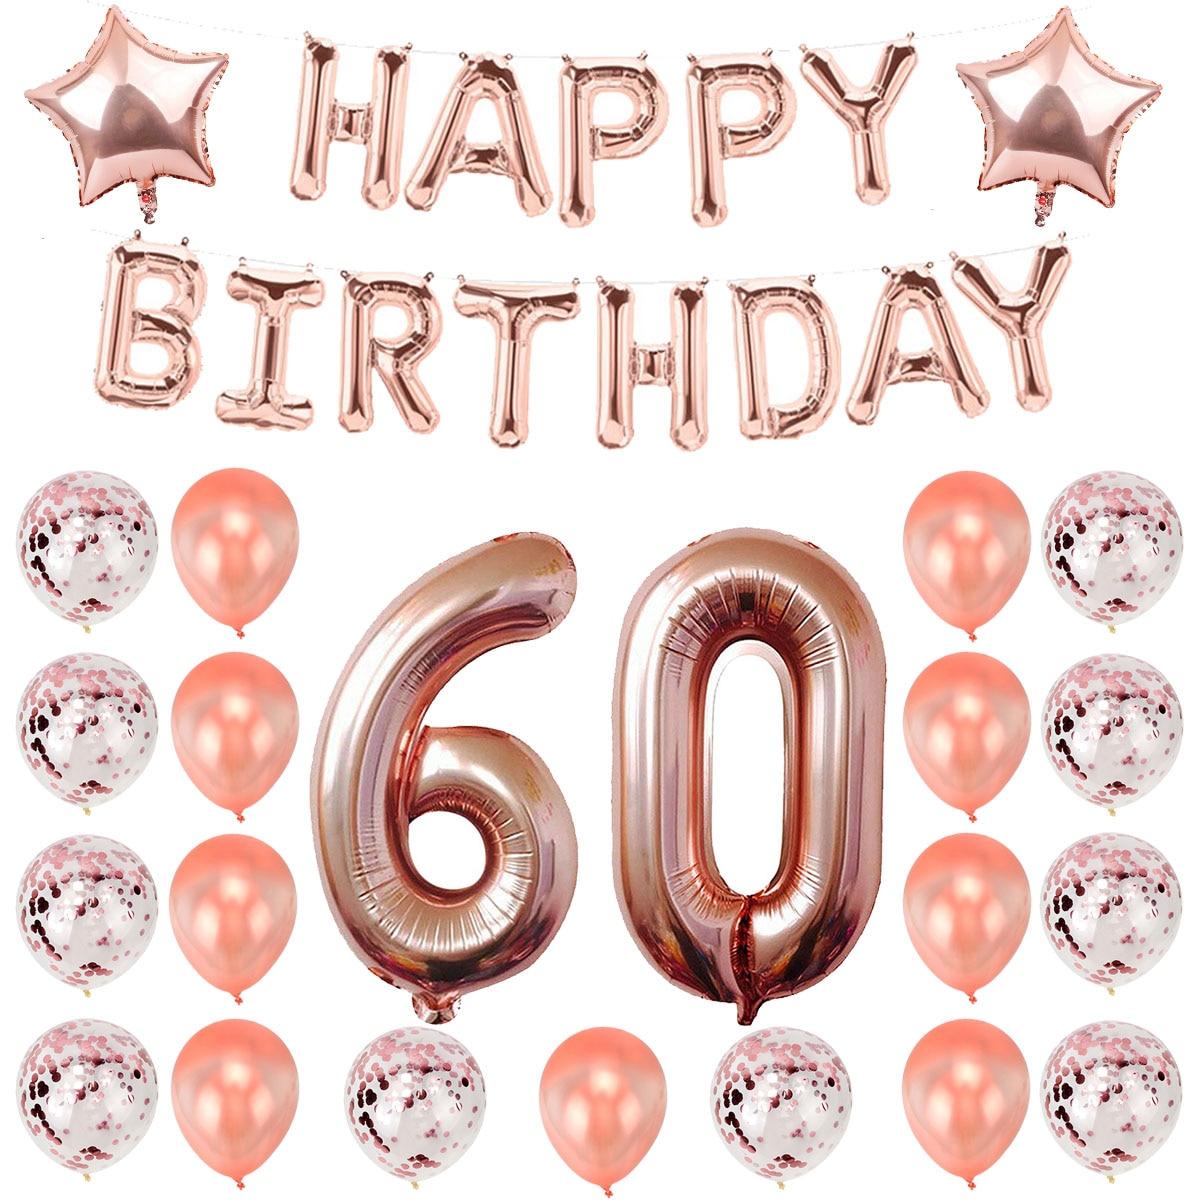 Воздушные шары из розового золота на 60 дней рождения, украшения на день рождения, товары для взрослых на 60 лет